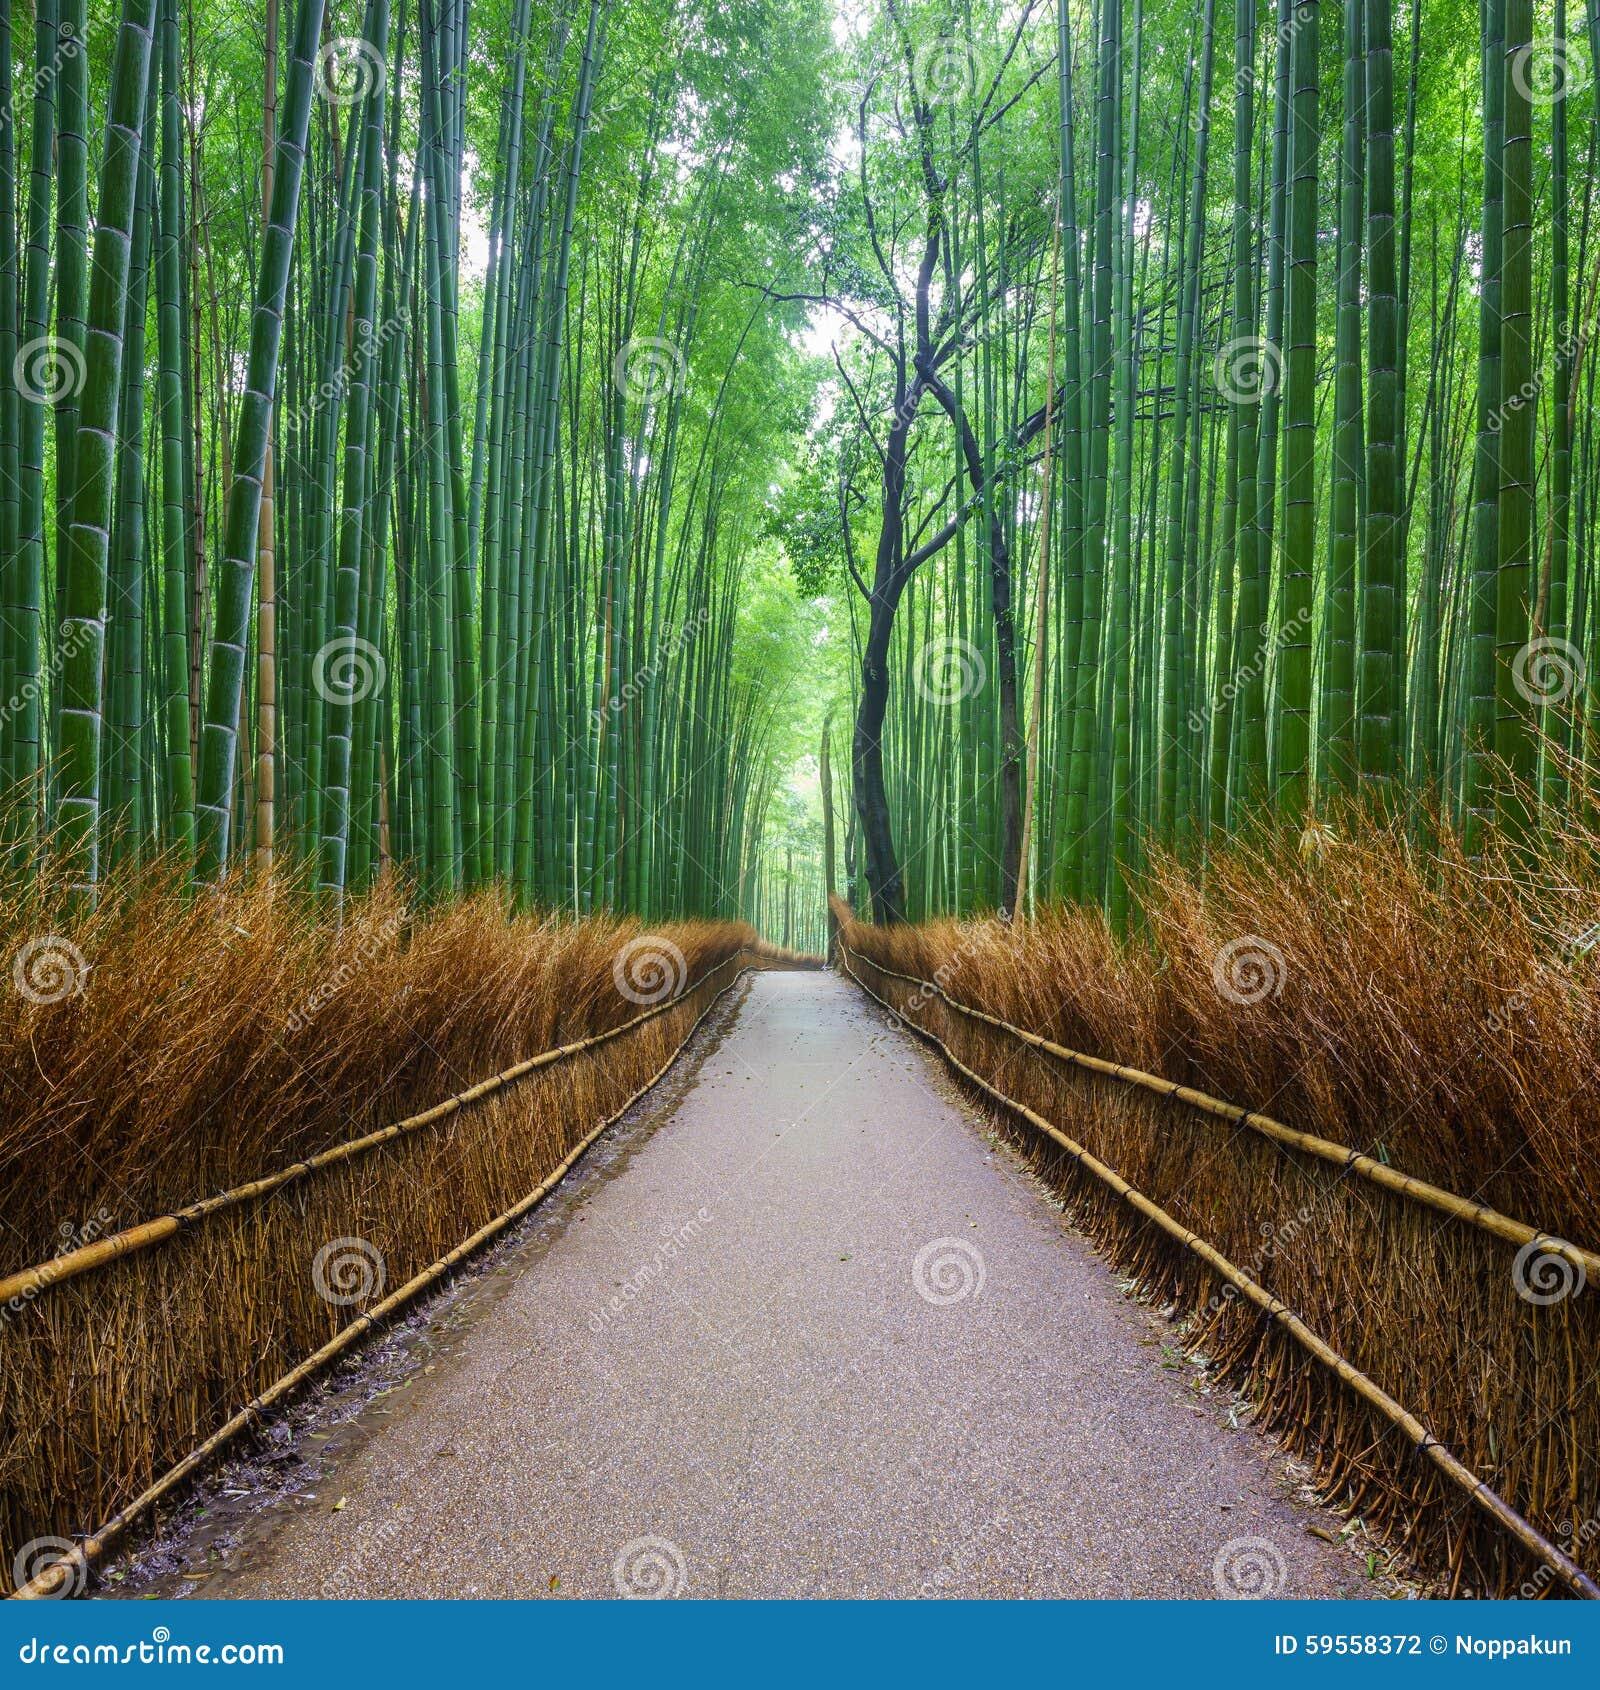 Trayectoria al bosque de bambú, Kyoto, Japón